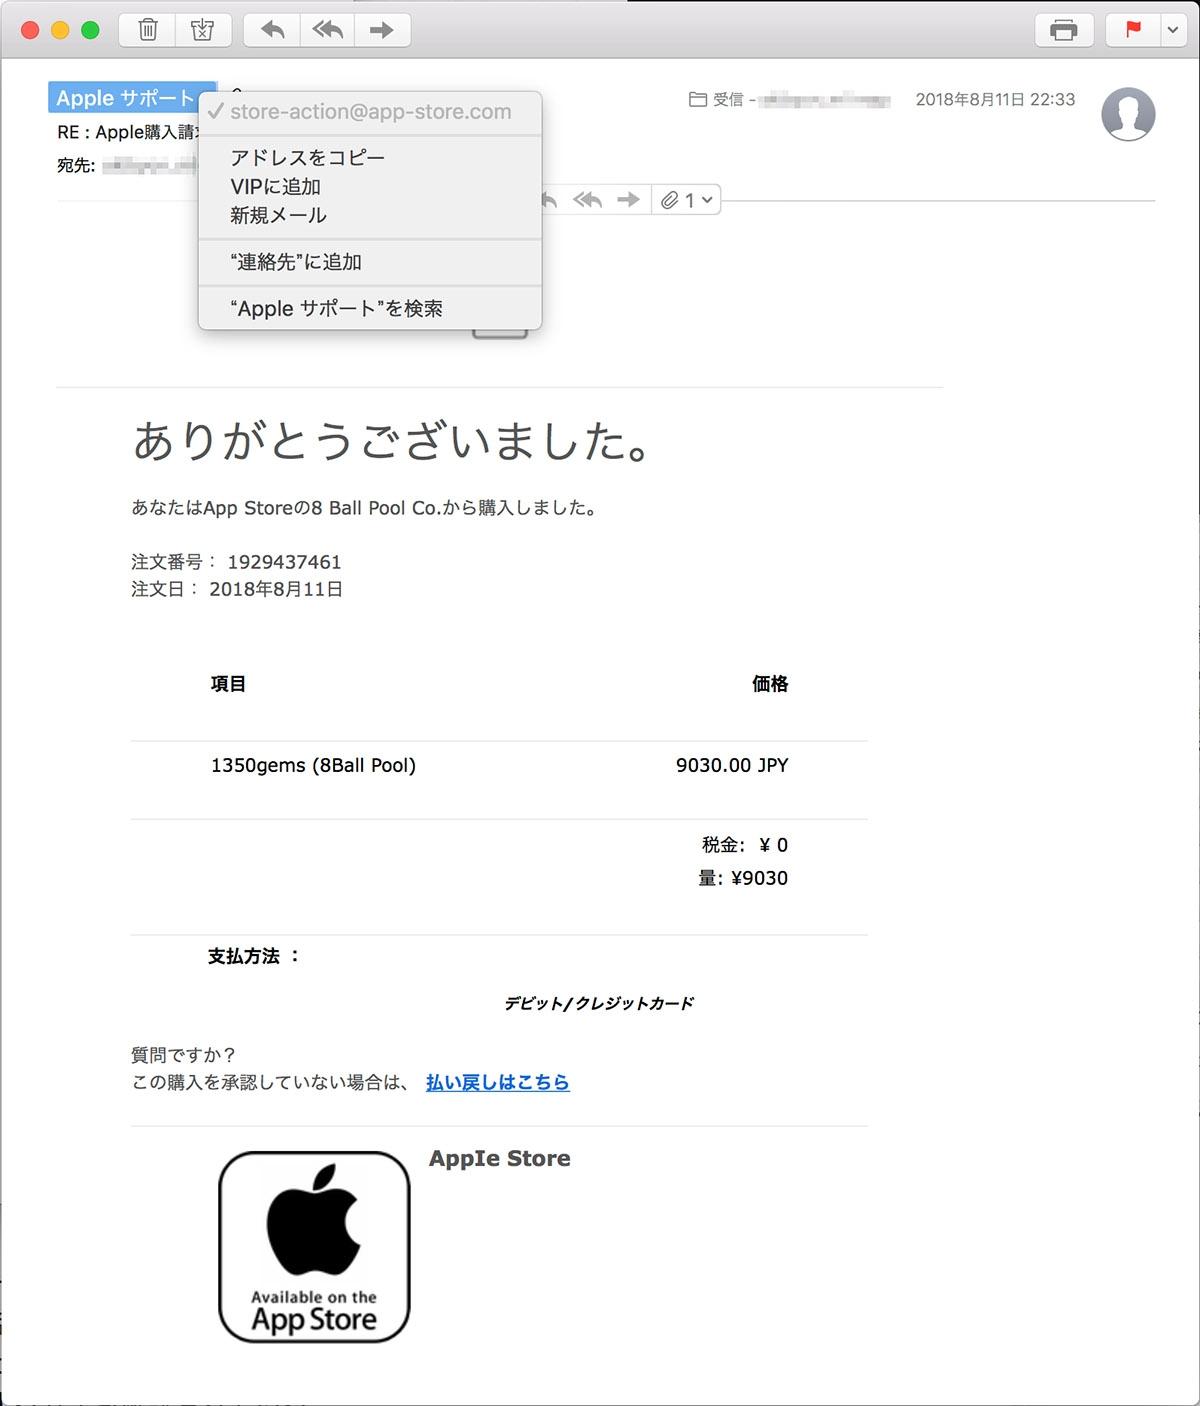 筆者が最近受信したアップルを装ったフィッシングメール。アプリを購入した際に届くメールを見慣れていれば判別できるレベルだが、送信元のメールアドレスを見ても疑わしいことがわかる